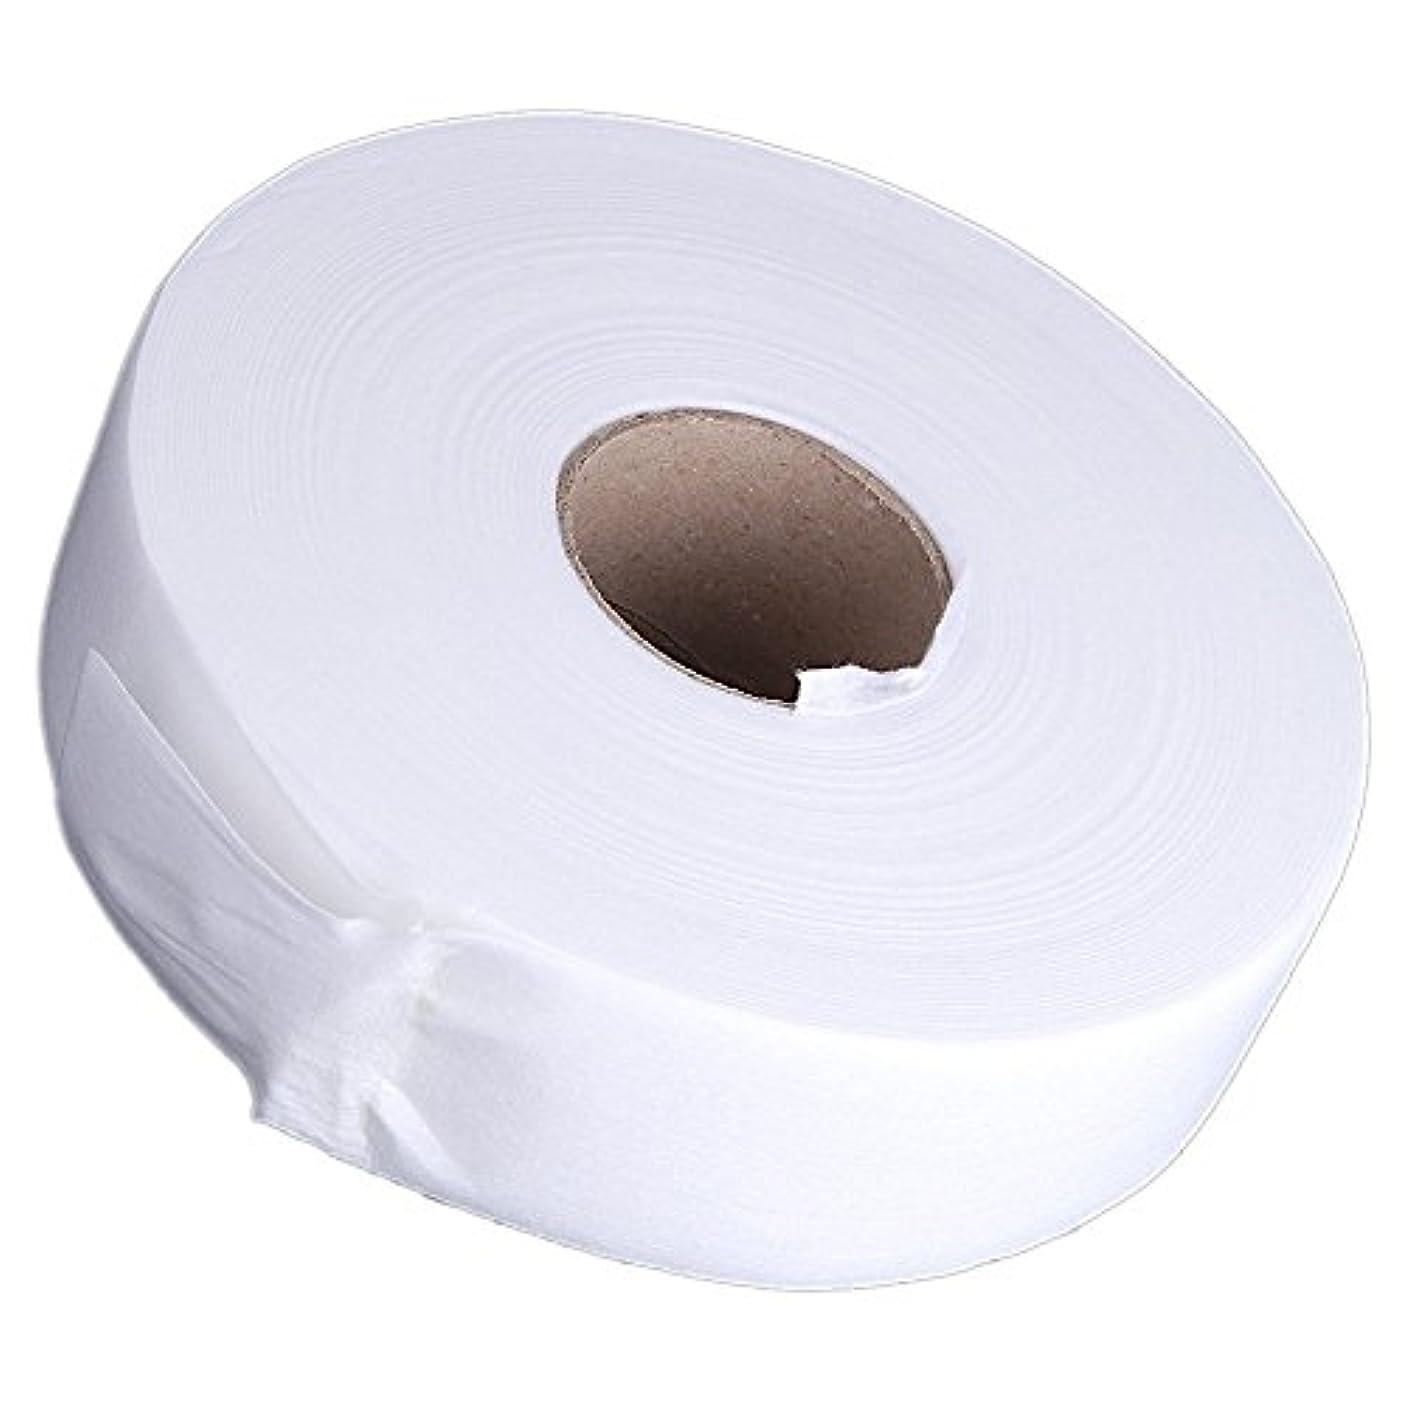 エンドテーブル貧困量でCUHAWUDBA 100ヤードの脱毛紙脱毛ワックスストリップ 不織布ペーパーワックスロール(白)